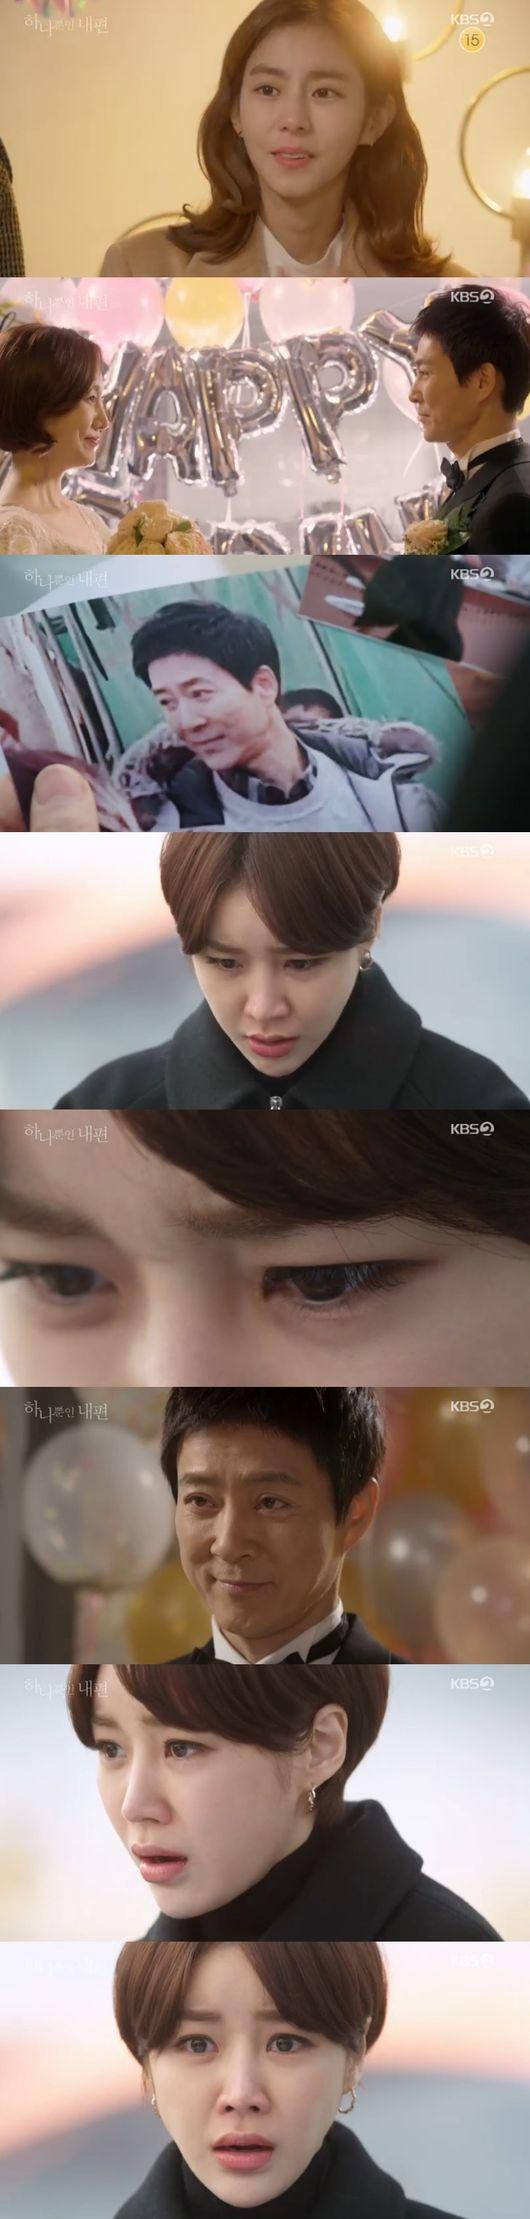 '하나뿐인내편' 윤진이, 父살인범=최수종 알았다..최수종♥진경 '결혼' [종합]